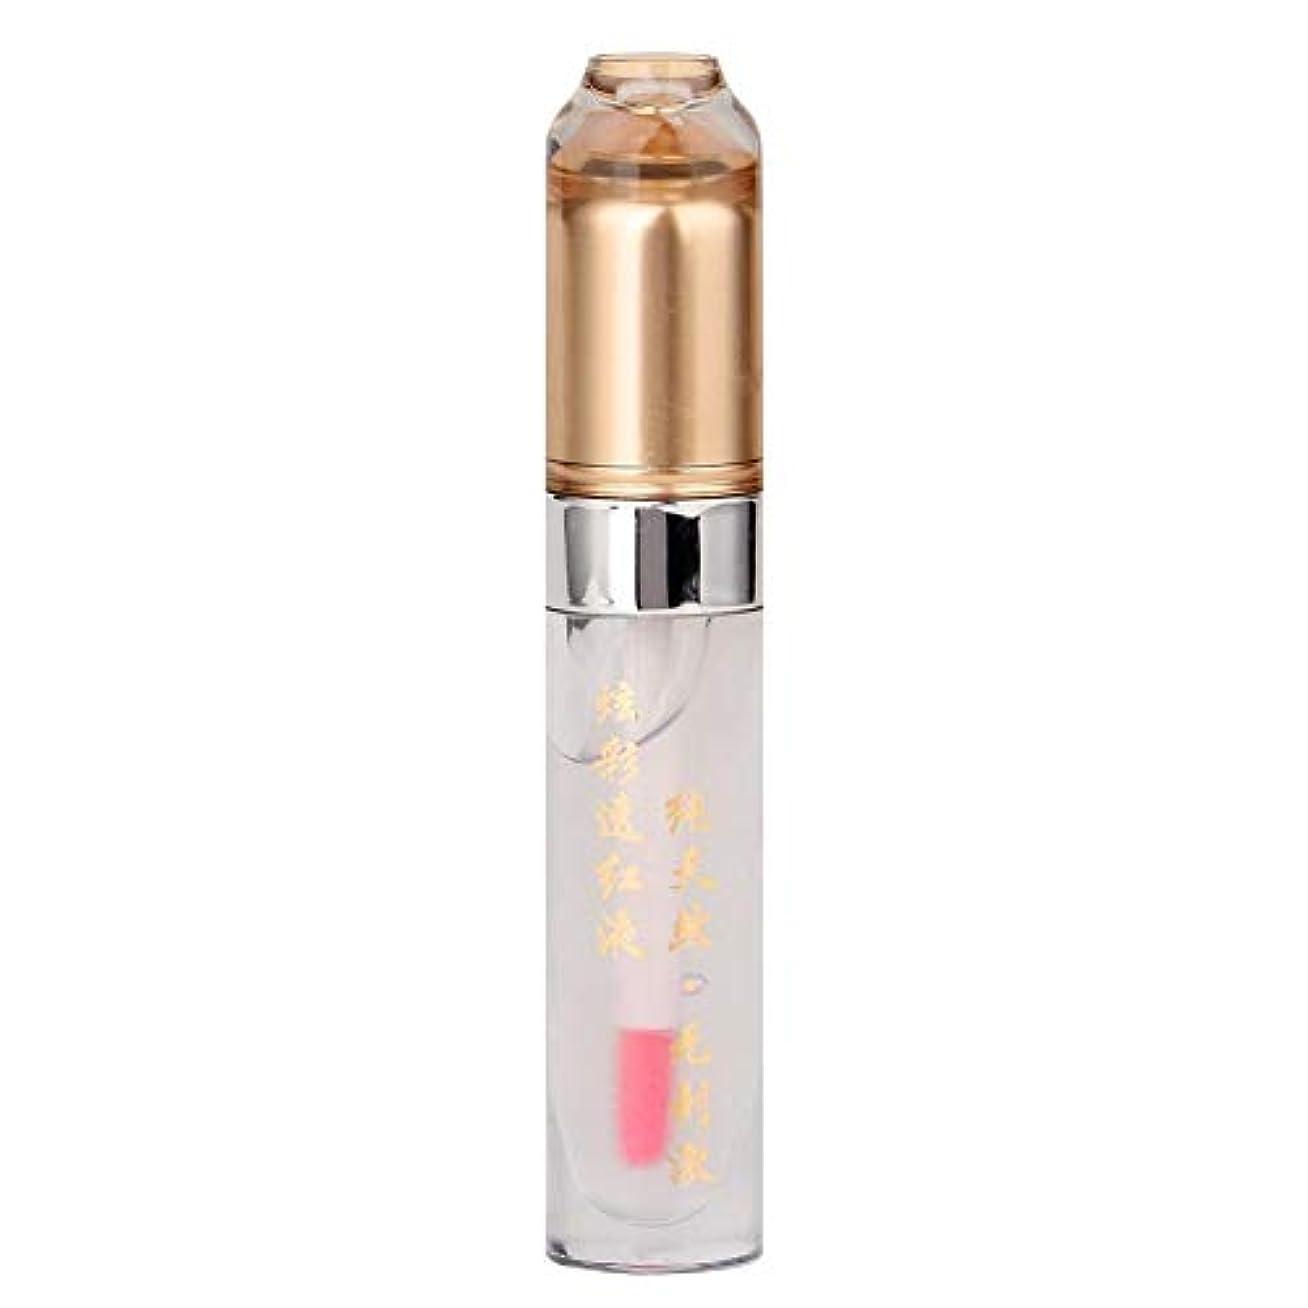 温度変化口紅、唇、乳首、乳輪およびその他の部品のためのピンクのゲル温度変色保湿口紅